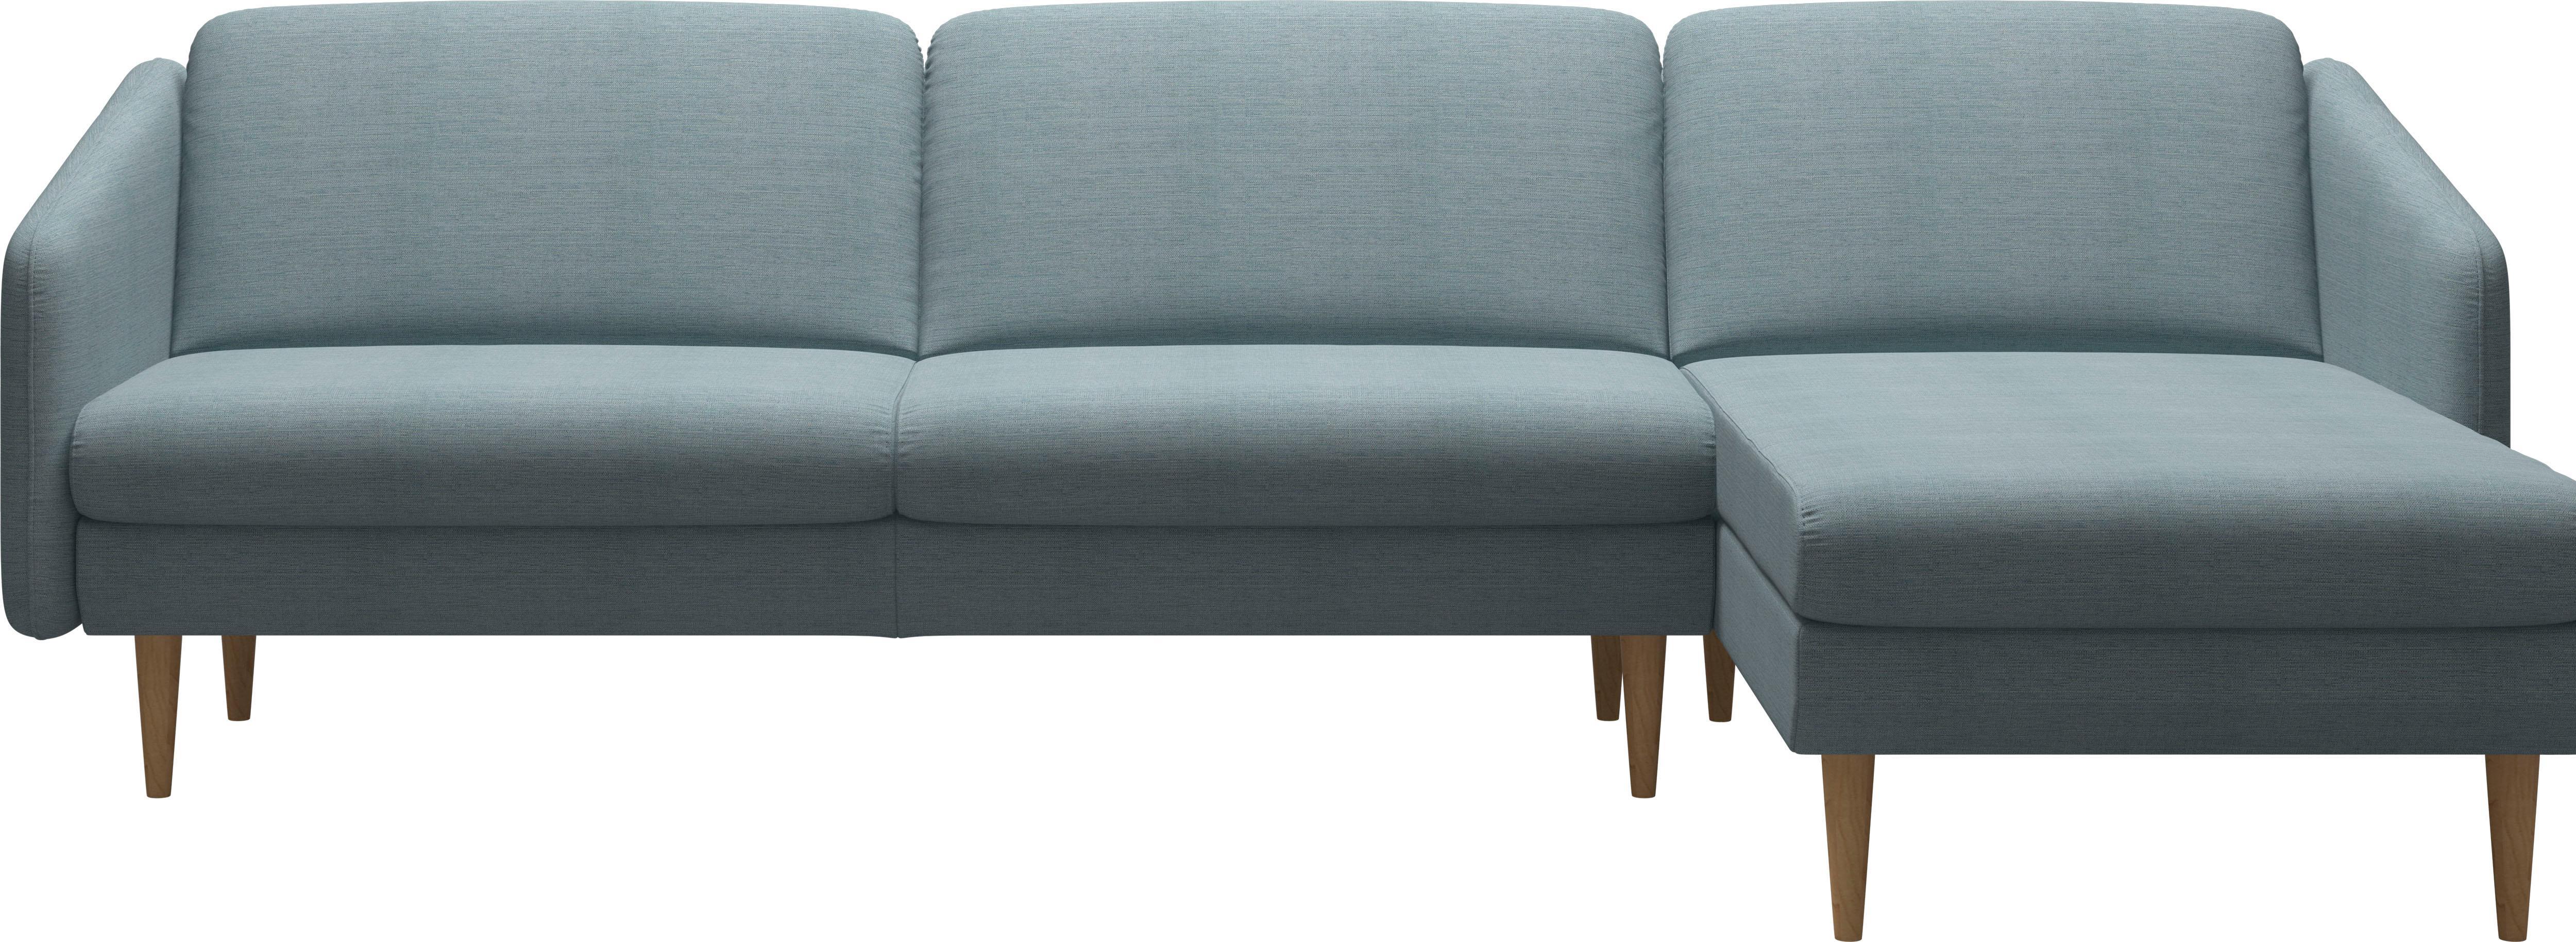 Stressless® 3-Sitzer Duo mit Longseat »Eve« mit geraden Holzüßen in 3 Ausführungen   Wohnzimmer > Sofas & Couches > 2 & 3 Sitzer Sofas   Leder - Stoff - Polyester   STRESSLESS